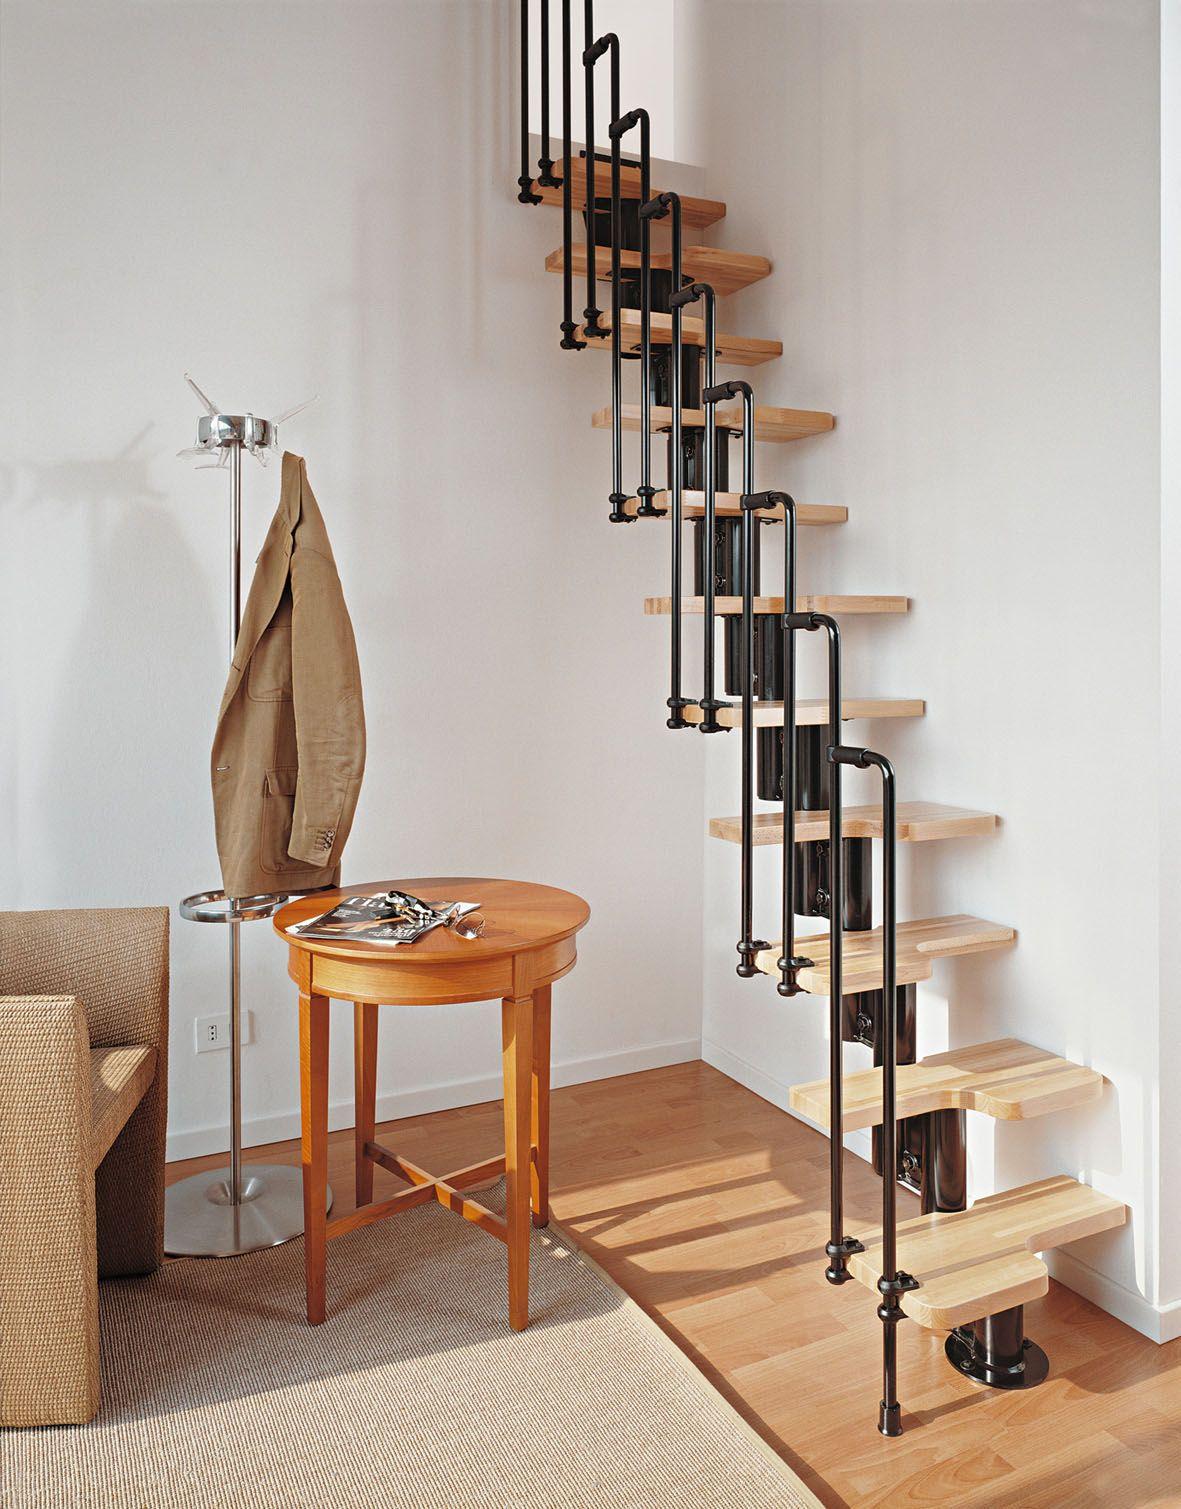 省スペース用オープン階段 ロフト階段やセカンド階段用ミニ階段